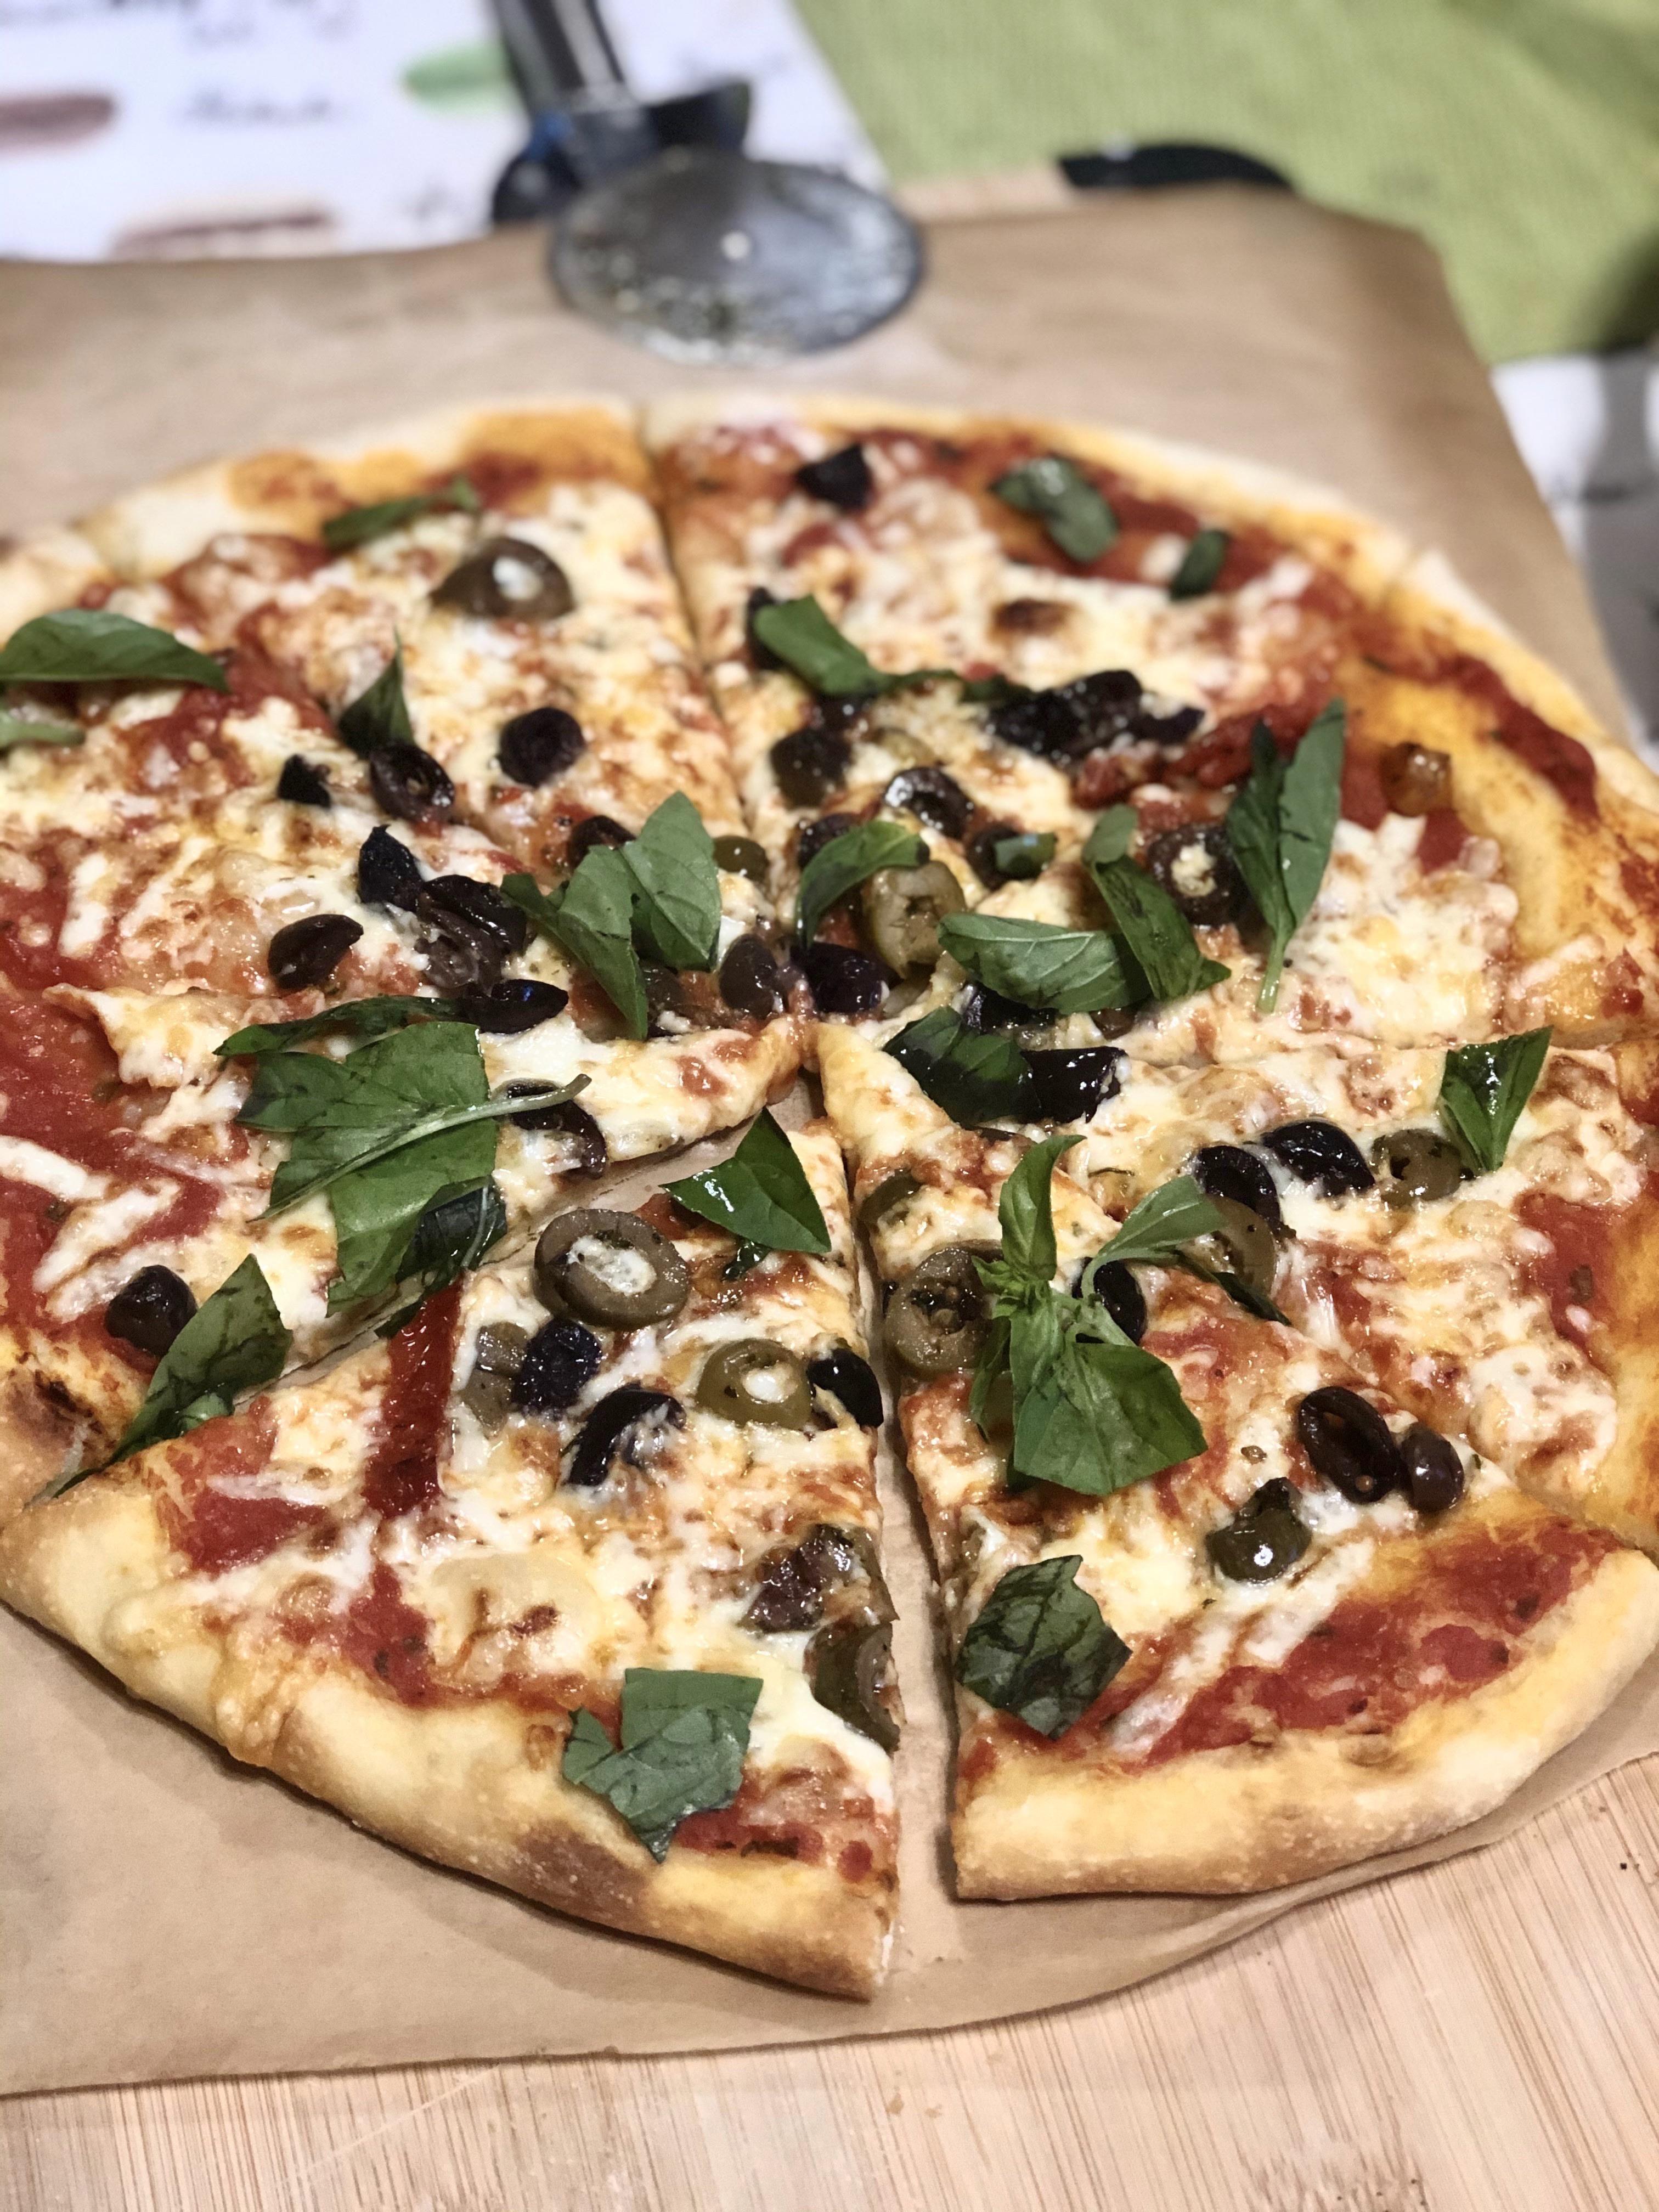 Habe letzte Woche meine erste Pizza gemacht! Ich sterbe, um es wieder zu machen! #Pizza #Pizzas #food # …  – Pizza